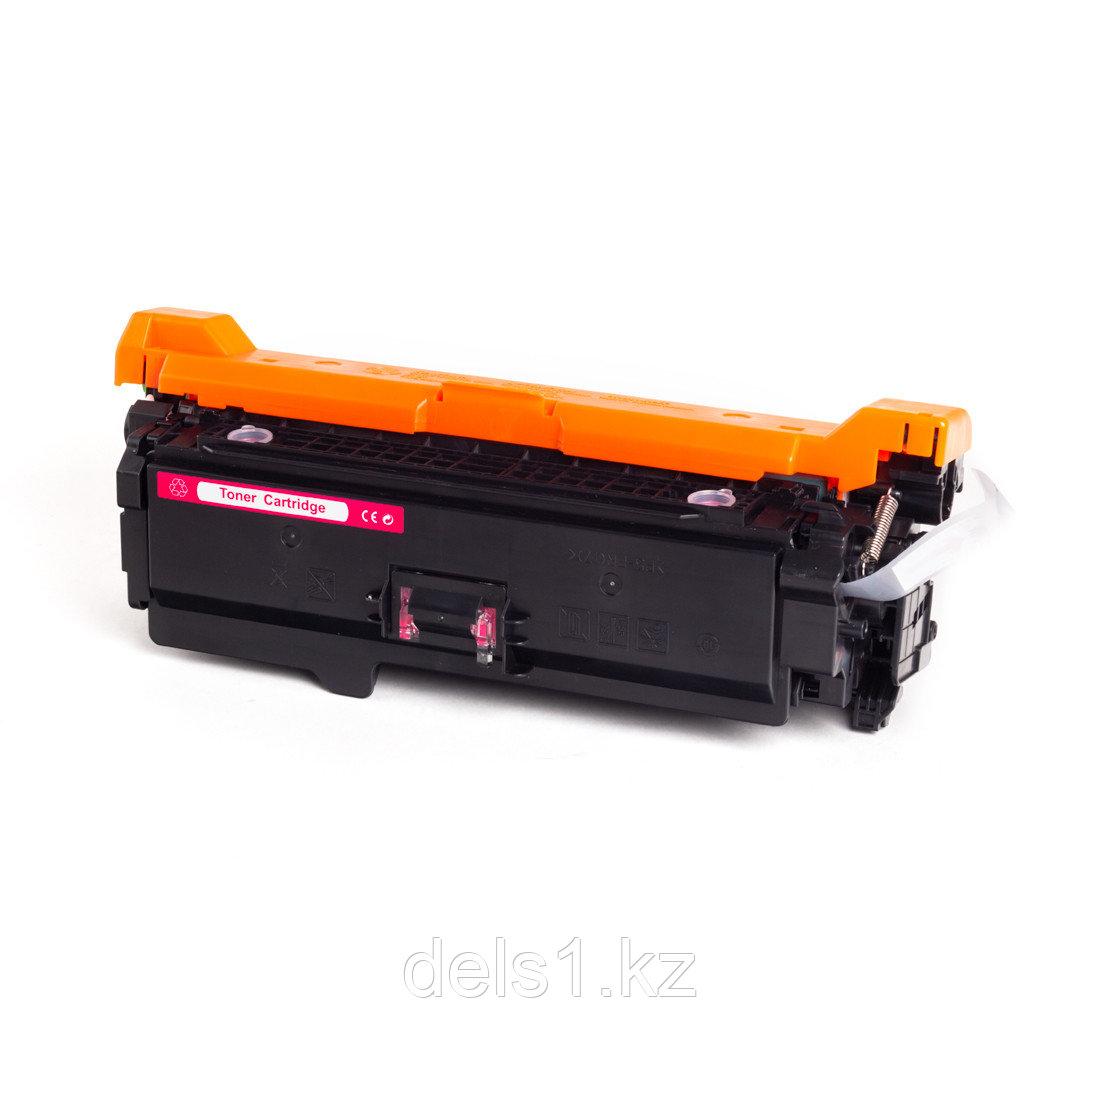 Картридж Colorfix CE403A, Пурпурный, Для принтеров HP Color LaserJet Enterprise M551n/M551dn/M551xh